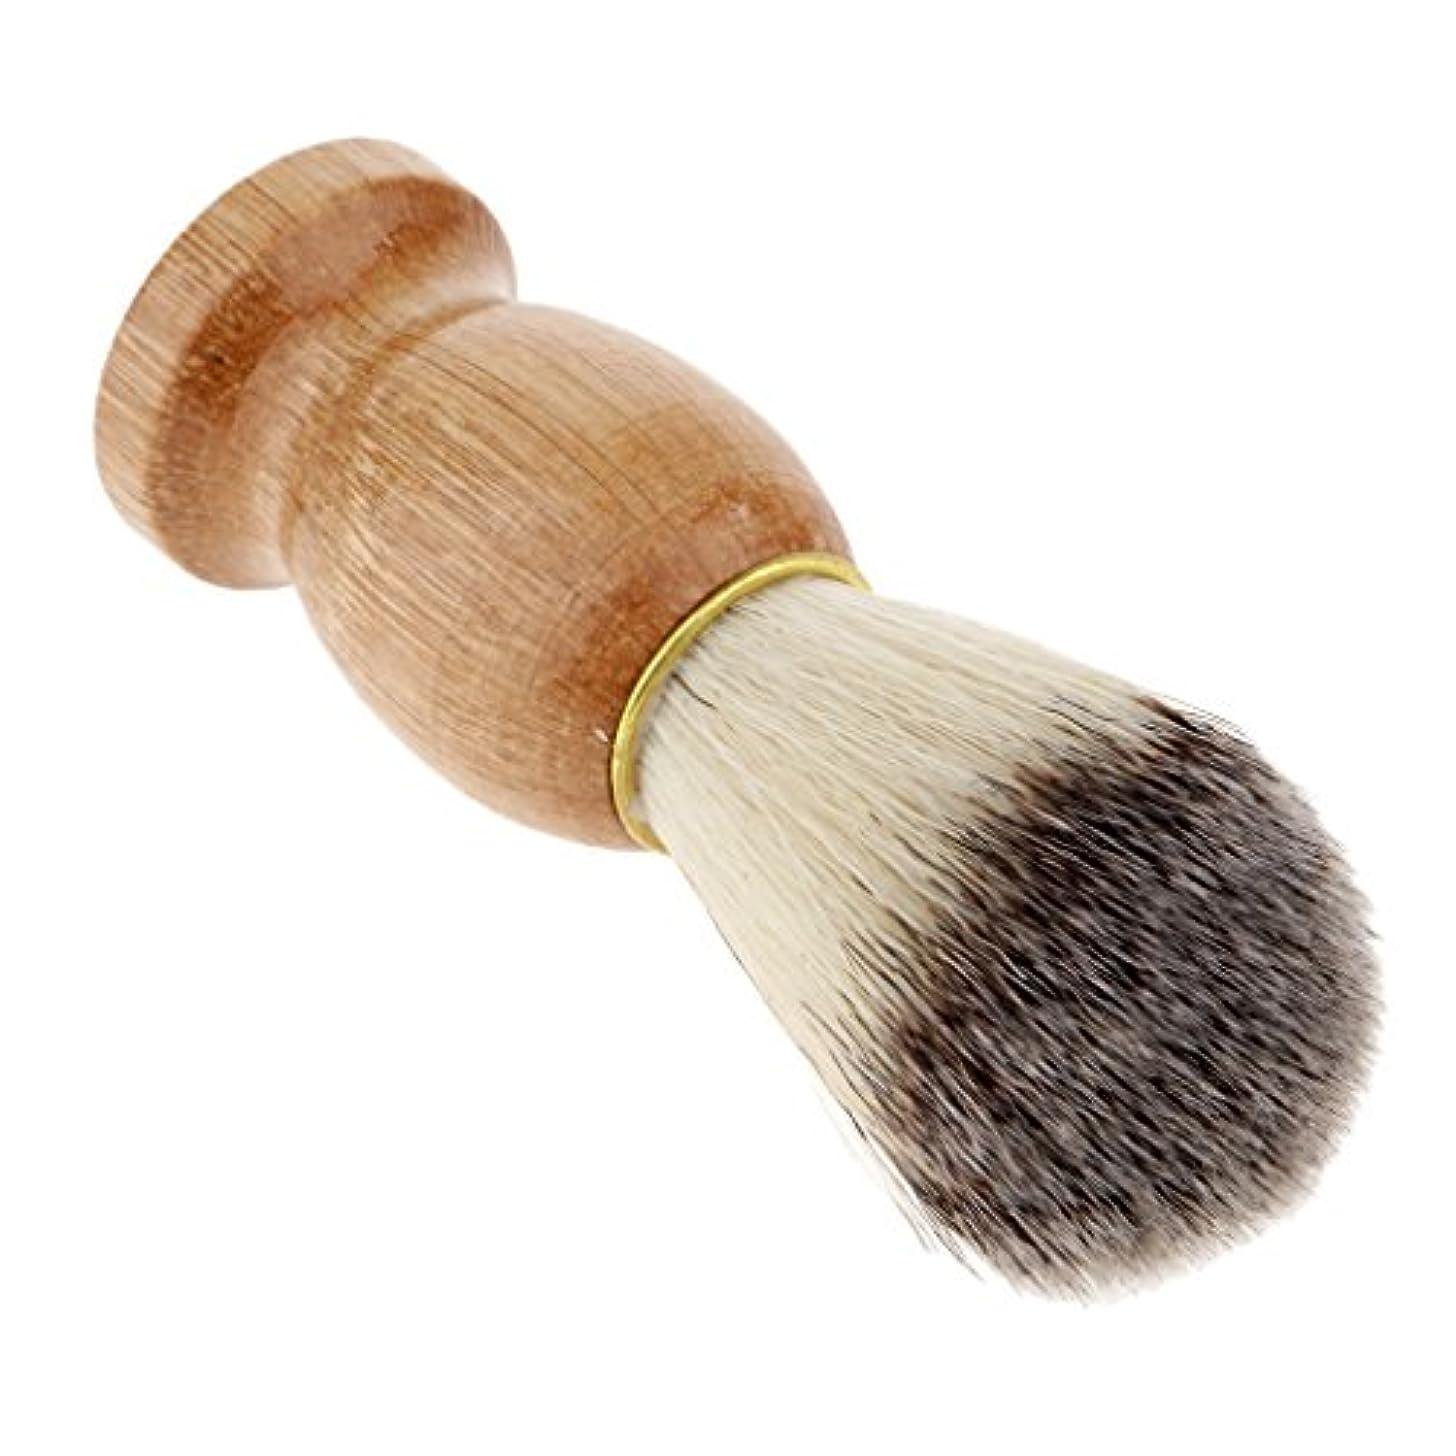 なかなかモチーフ愛されし者人毛ひげの切断の塵の浄化のための木製のハンドルの剛毛の剃るブラシ